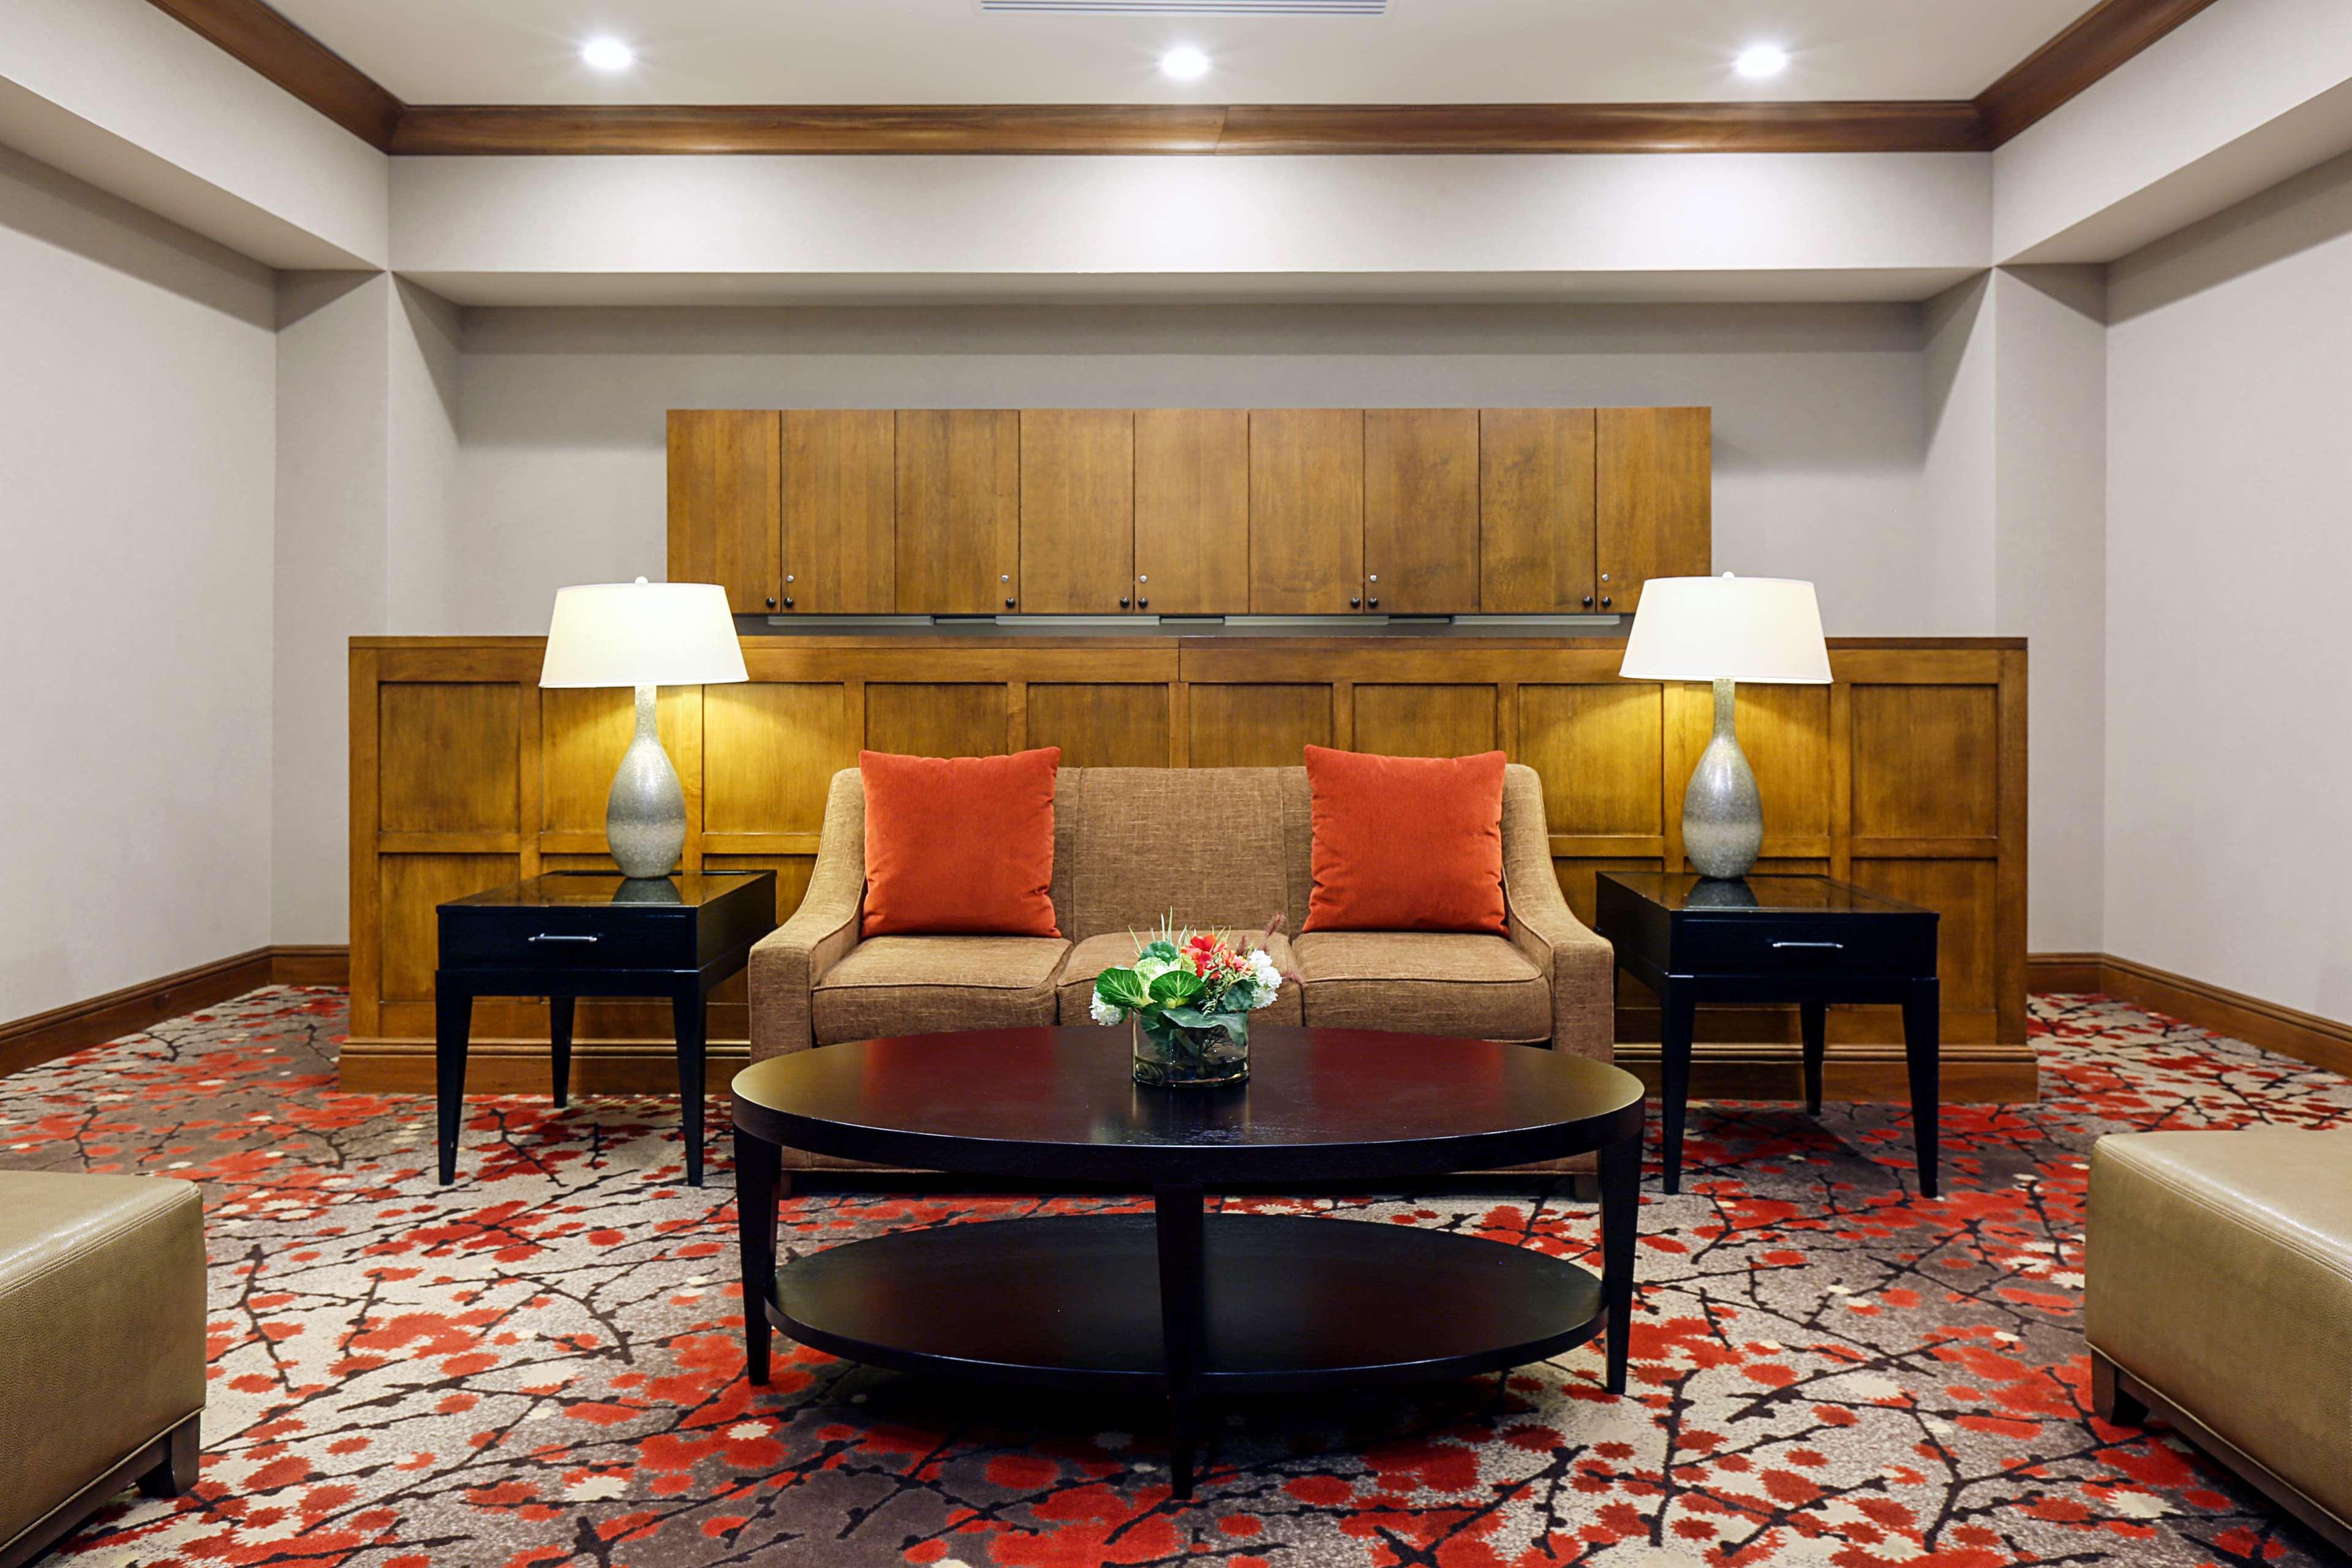 Hilton Garden Inn Clifton Park image 22